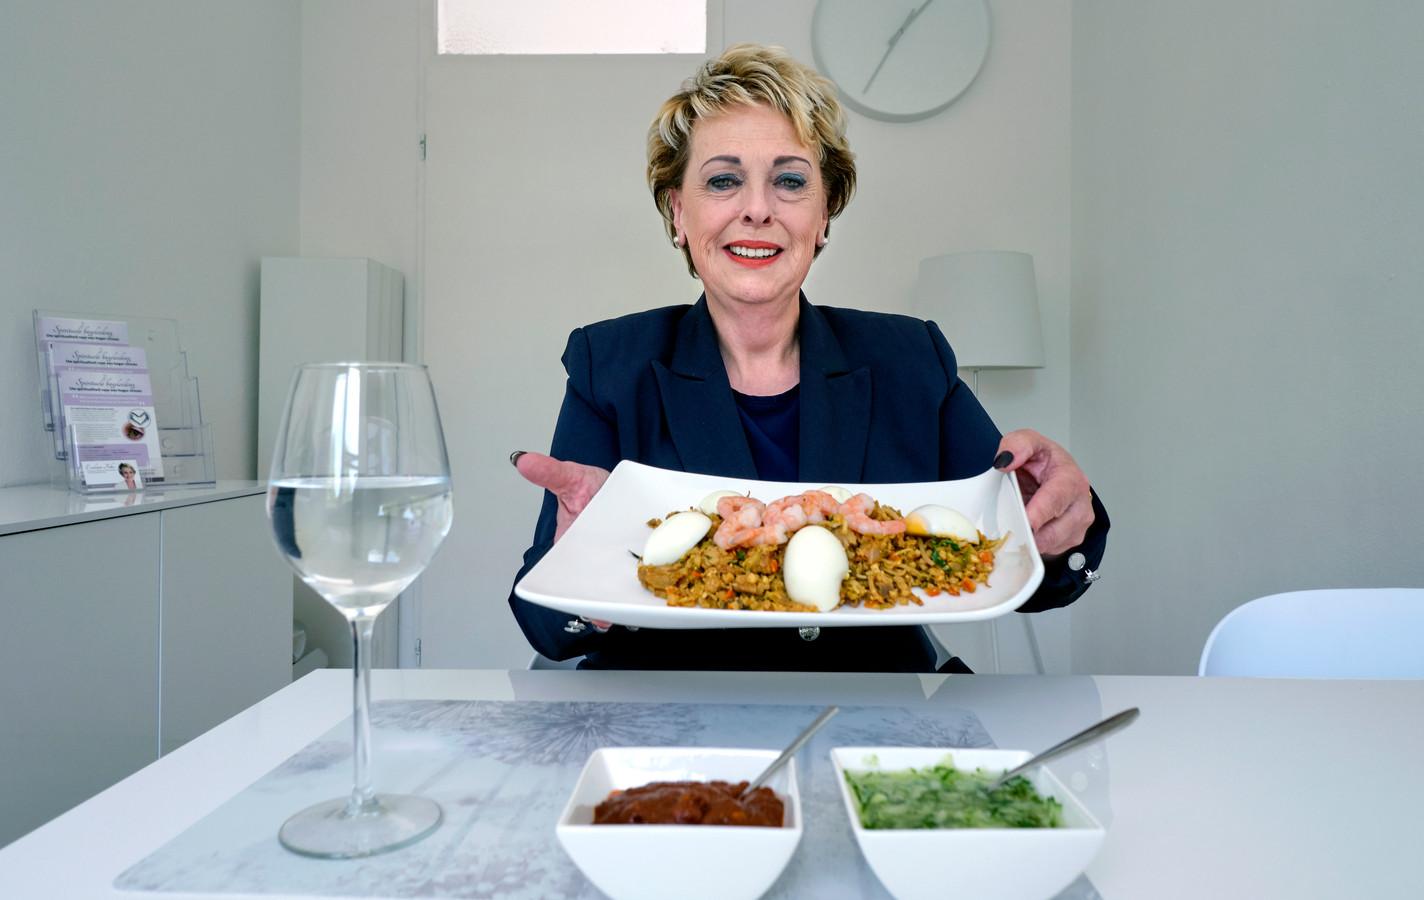 """,Als je net zo hoogsensitief bent als ik, moet je letten op een gebalanceerde voeding"""", vindt Evelien Foks."""